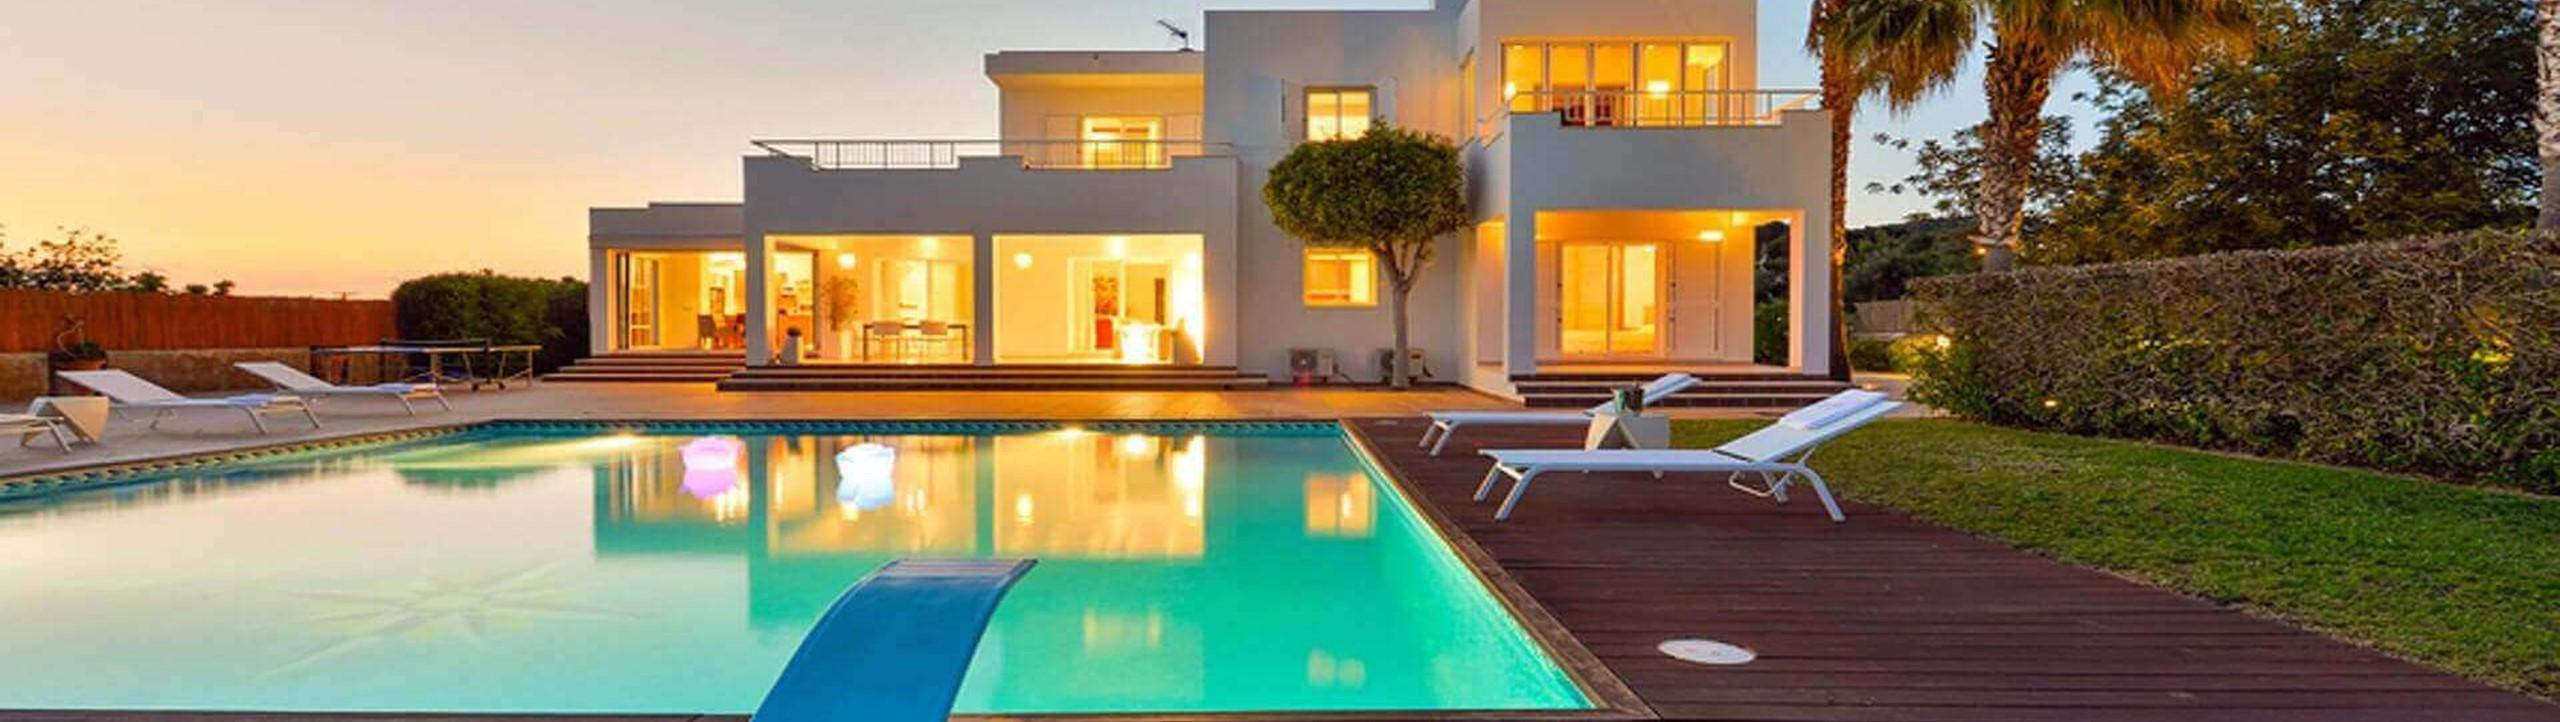 Villa Can Fluxa Ibiza 1 Near Ibiza Town